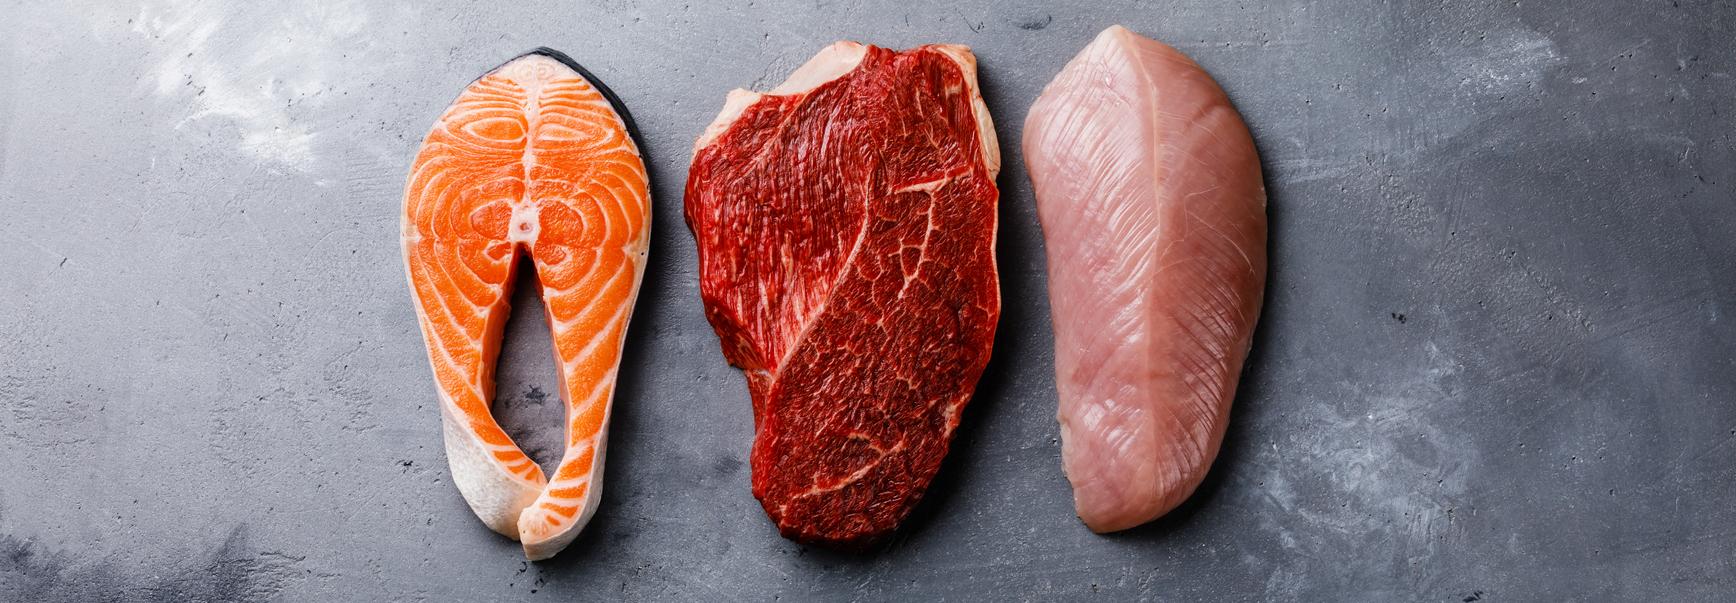 Studiu. Ce beneficii are consumul de pește în loc de carne - 3